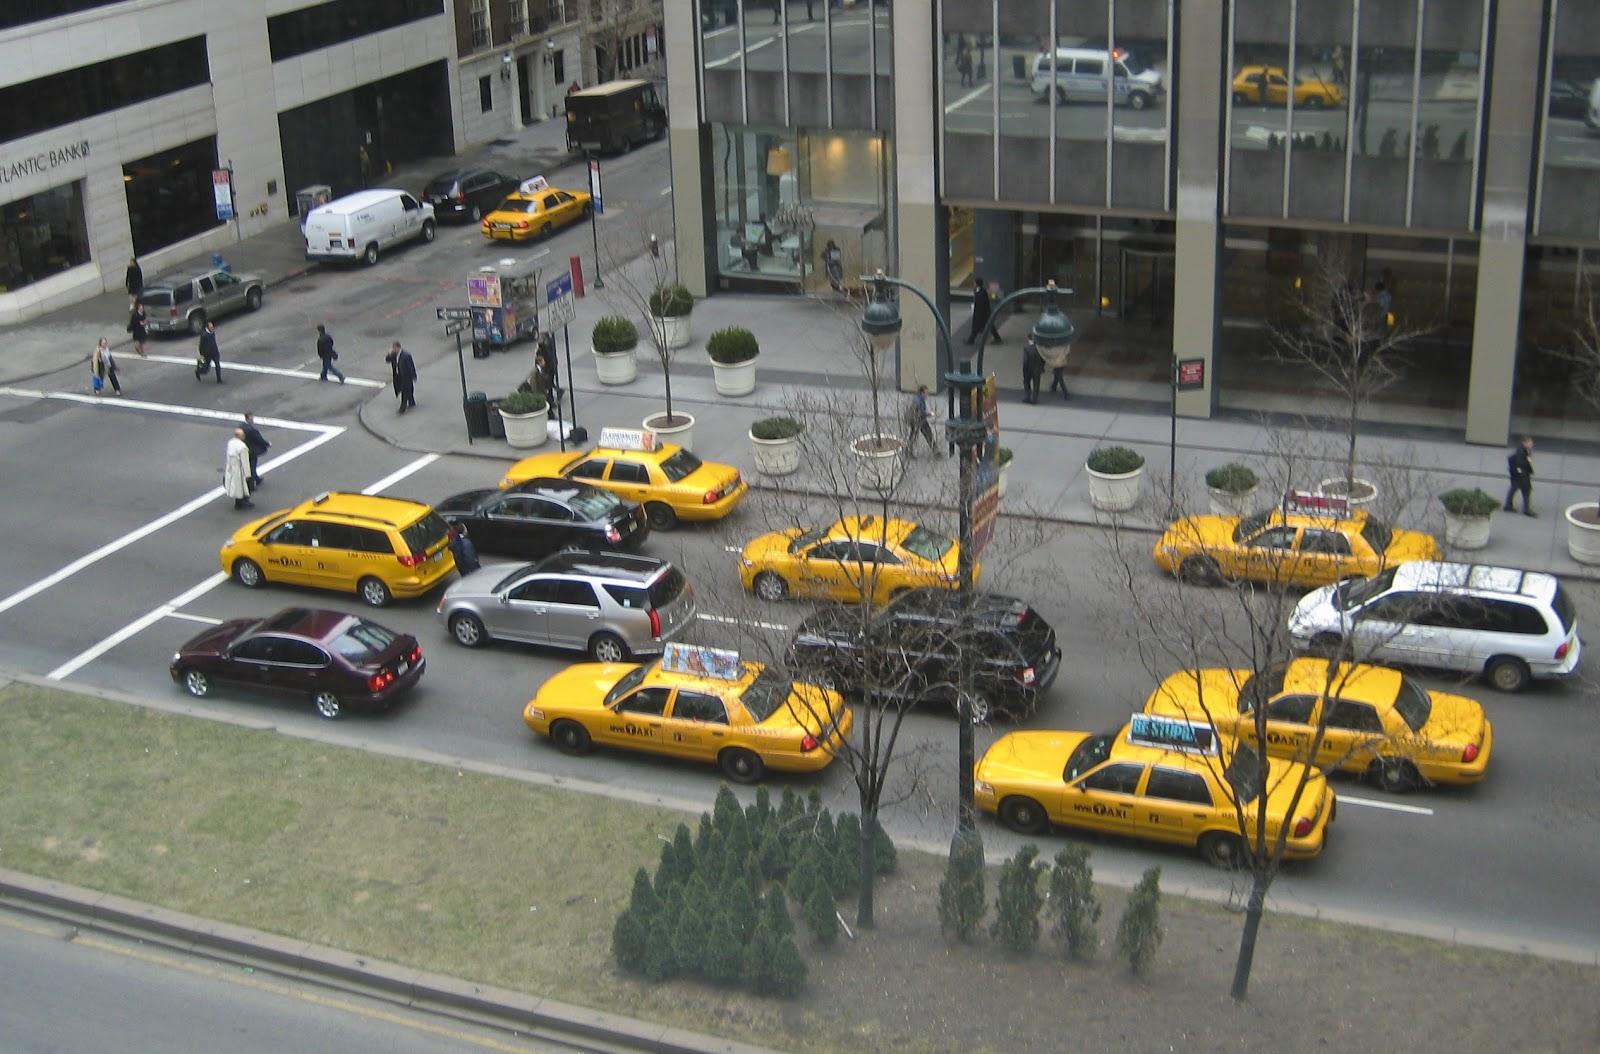 Genickstarre Nyc Yellow Cabs Oder Warum Sind Taxis Gelb